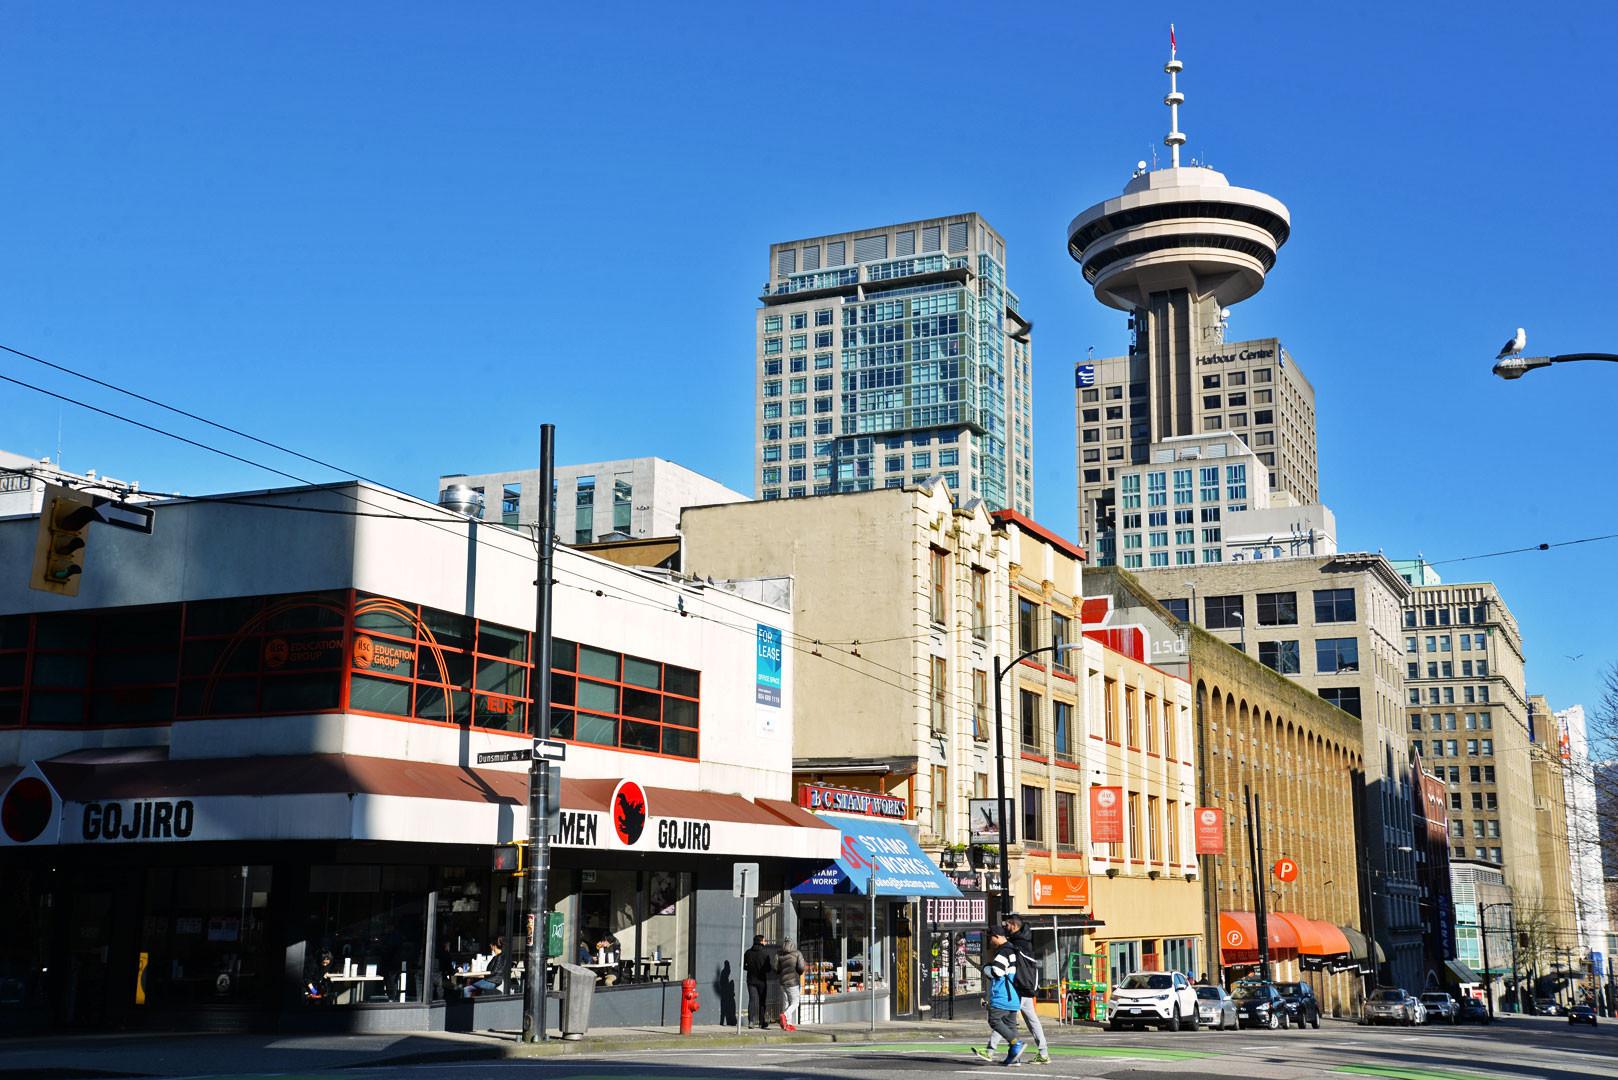 vancouver-hideaway-guesthouse-street.jpg